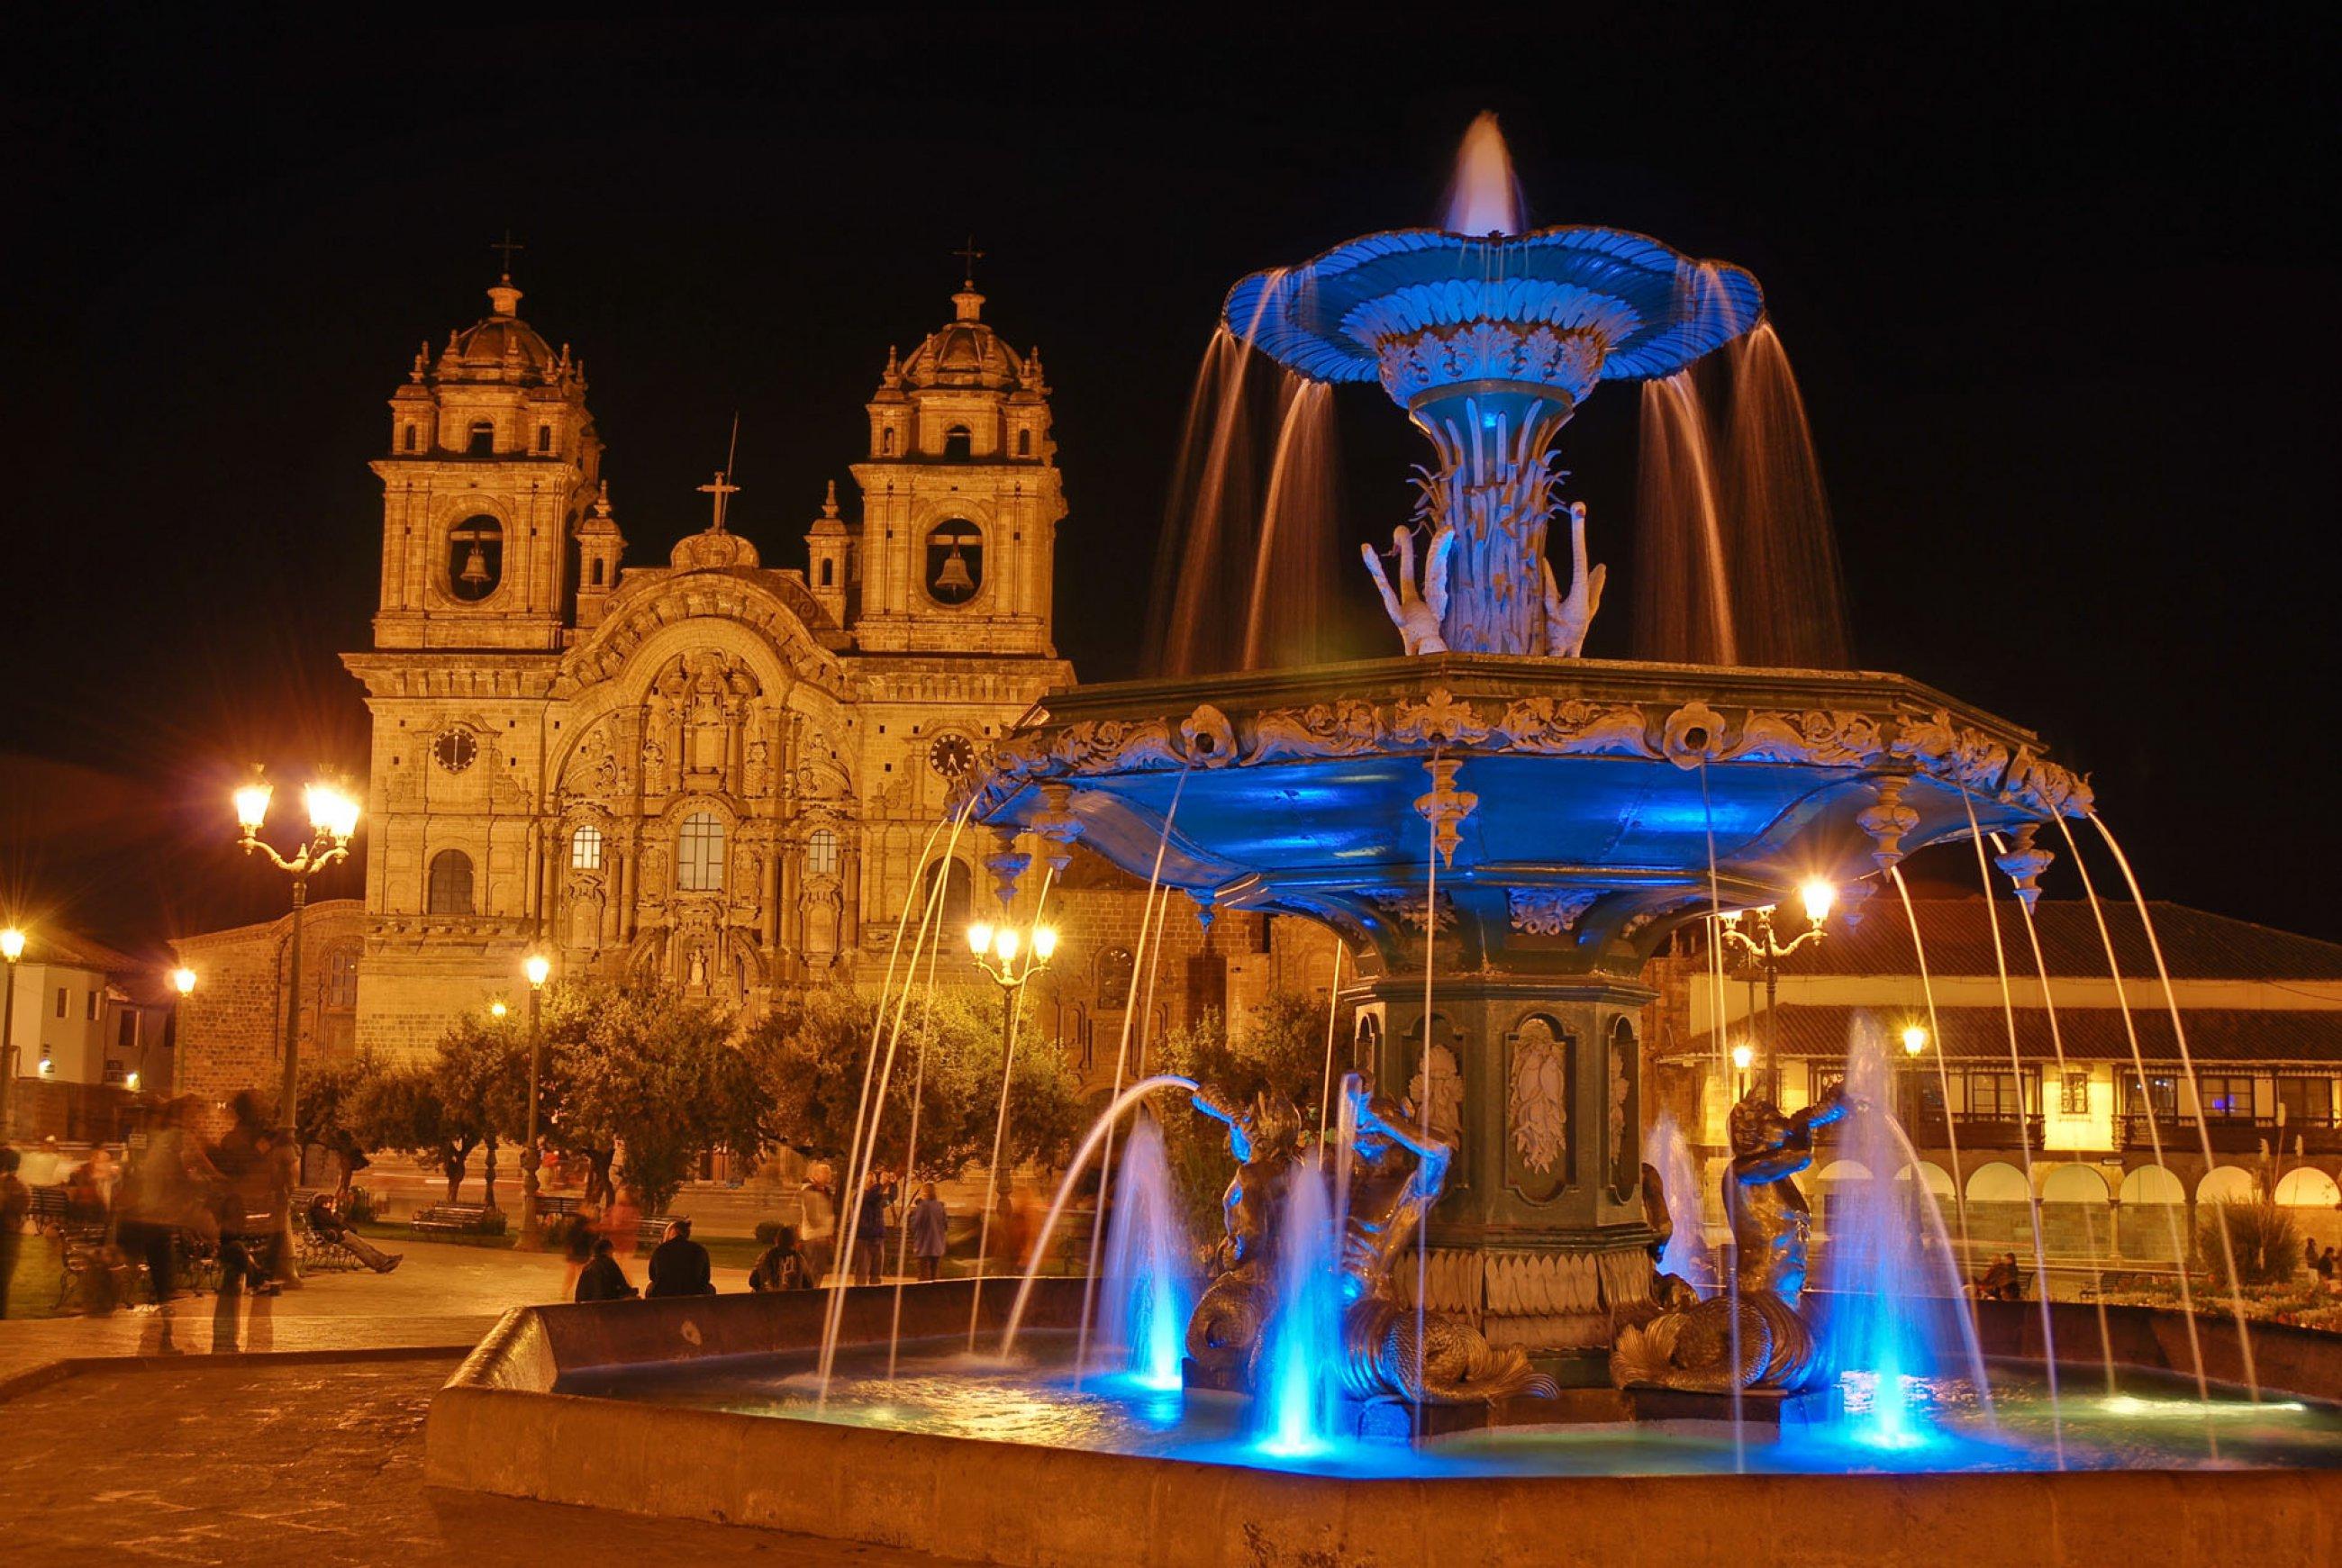 https://bubo.sk/uploads/galleries/5014/peru-cuzco-peru-plaza-de-armas.jpg